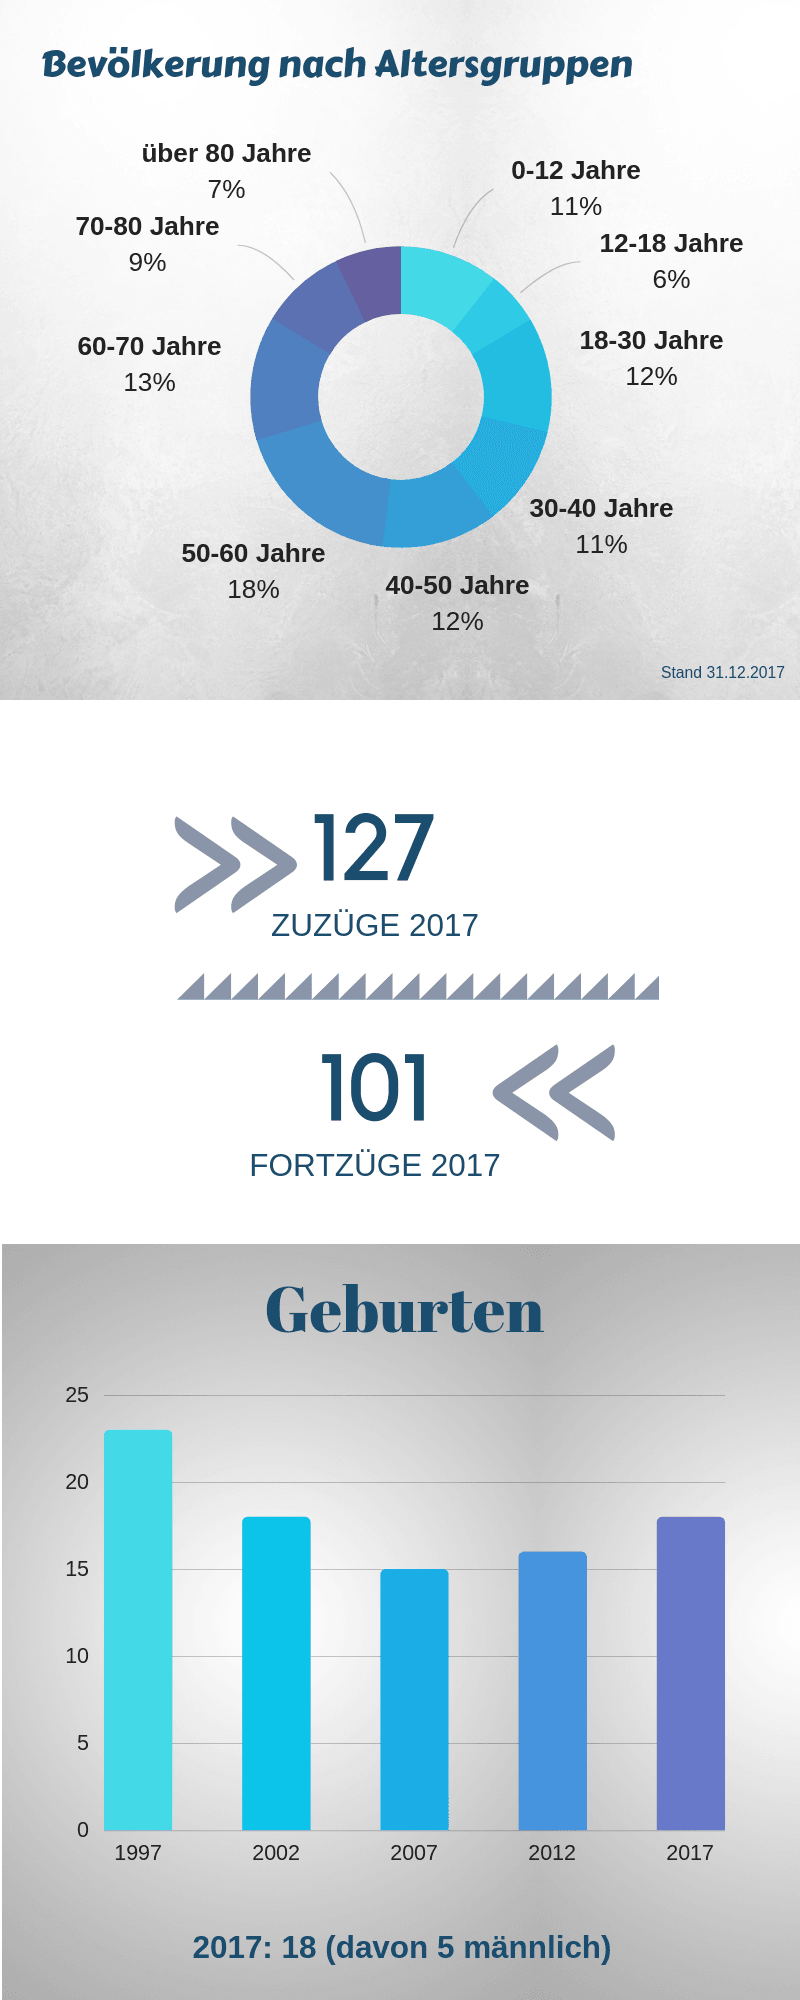 Bilshausen heute - Bevölkerung 2